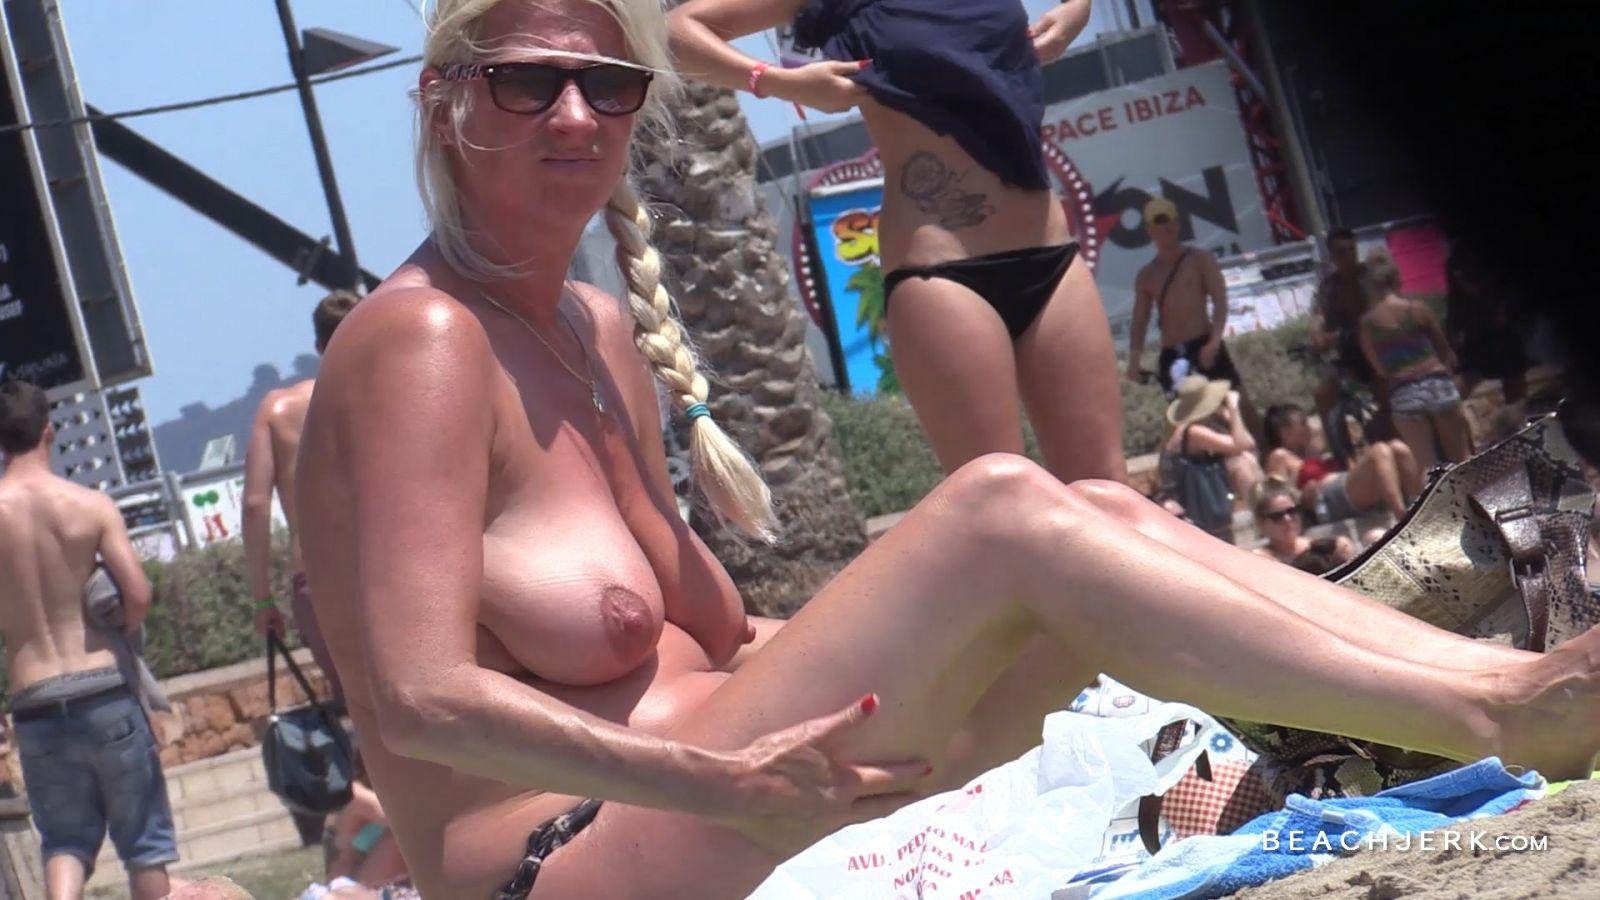 Beach Jerk